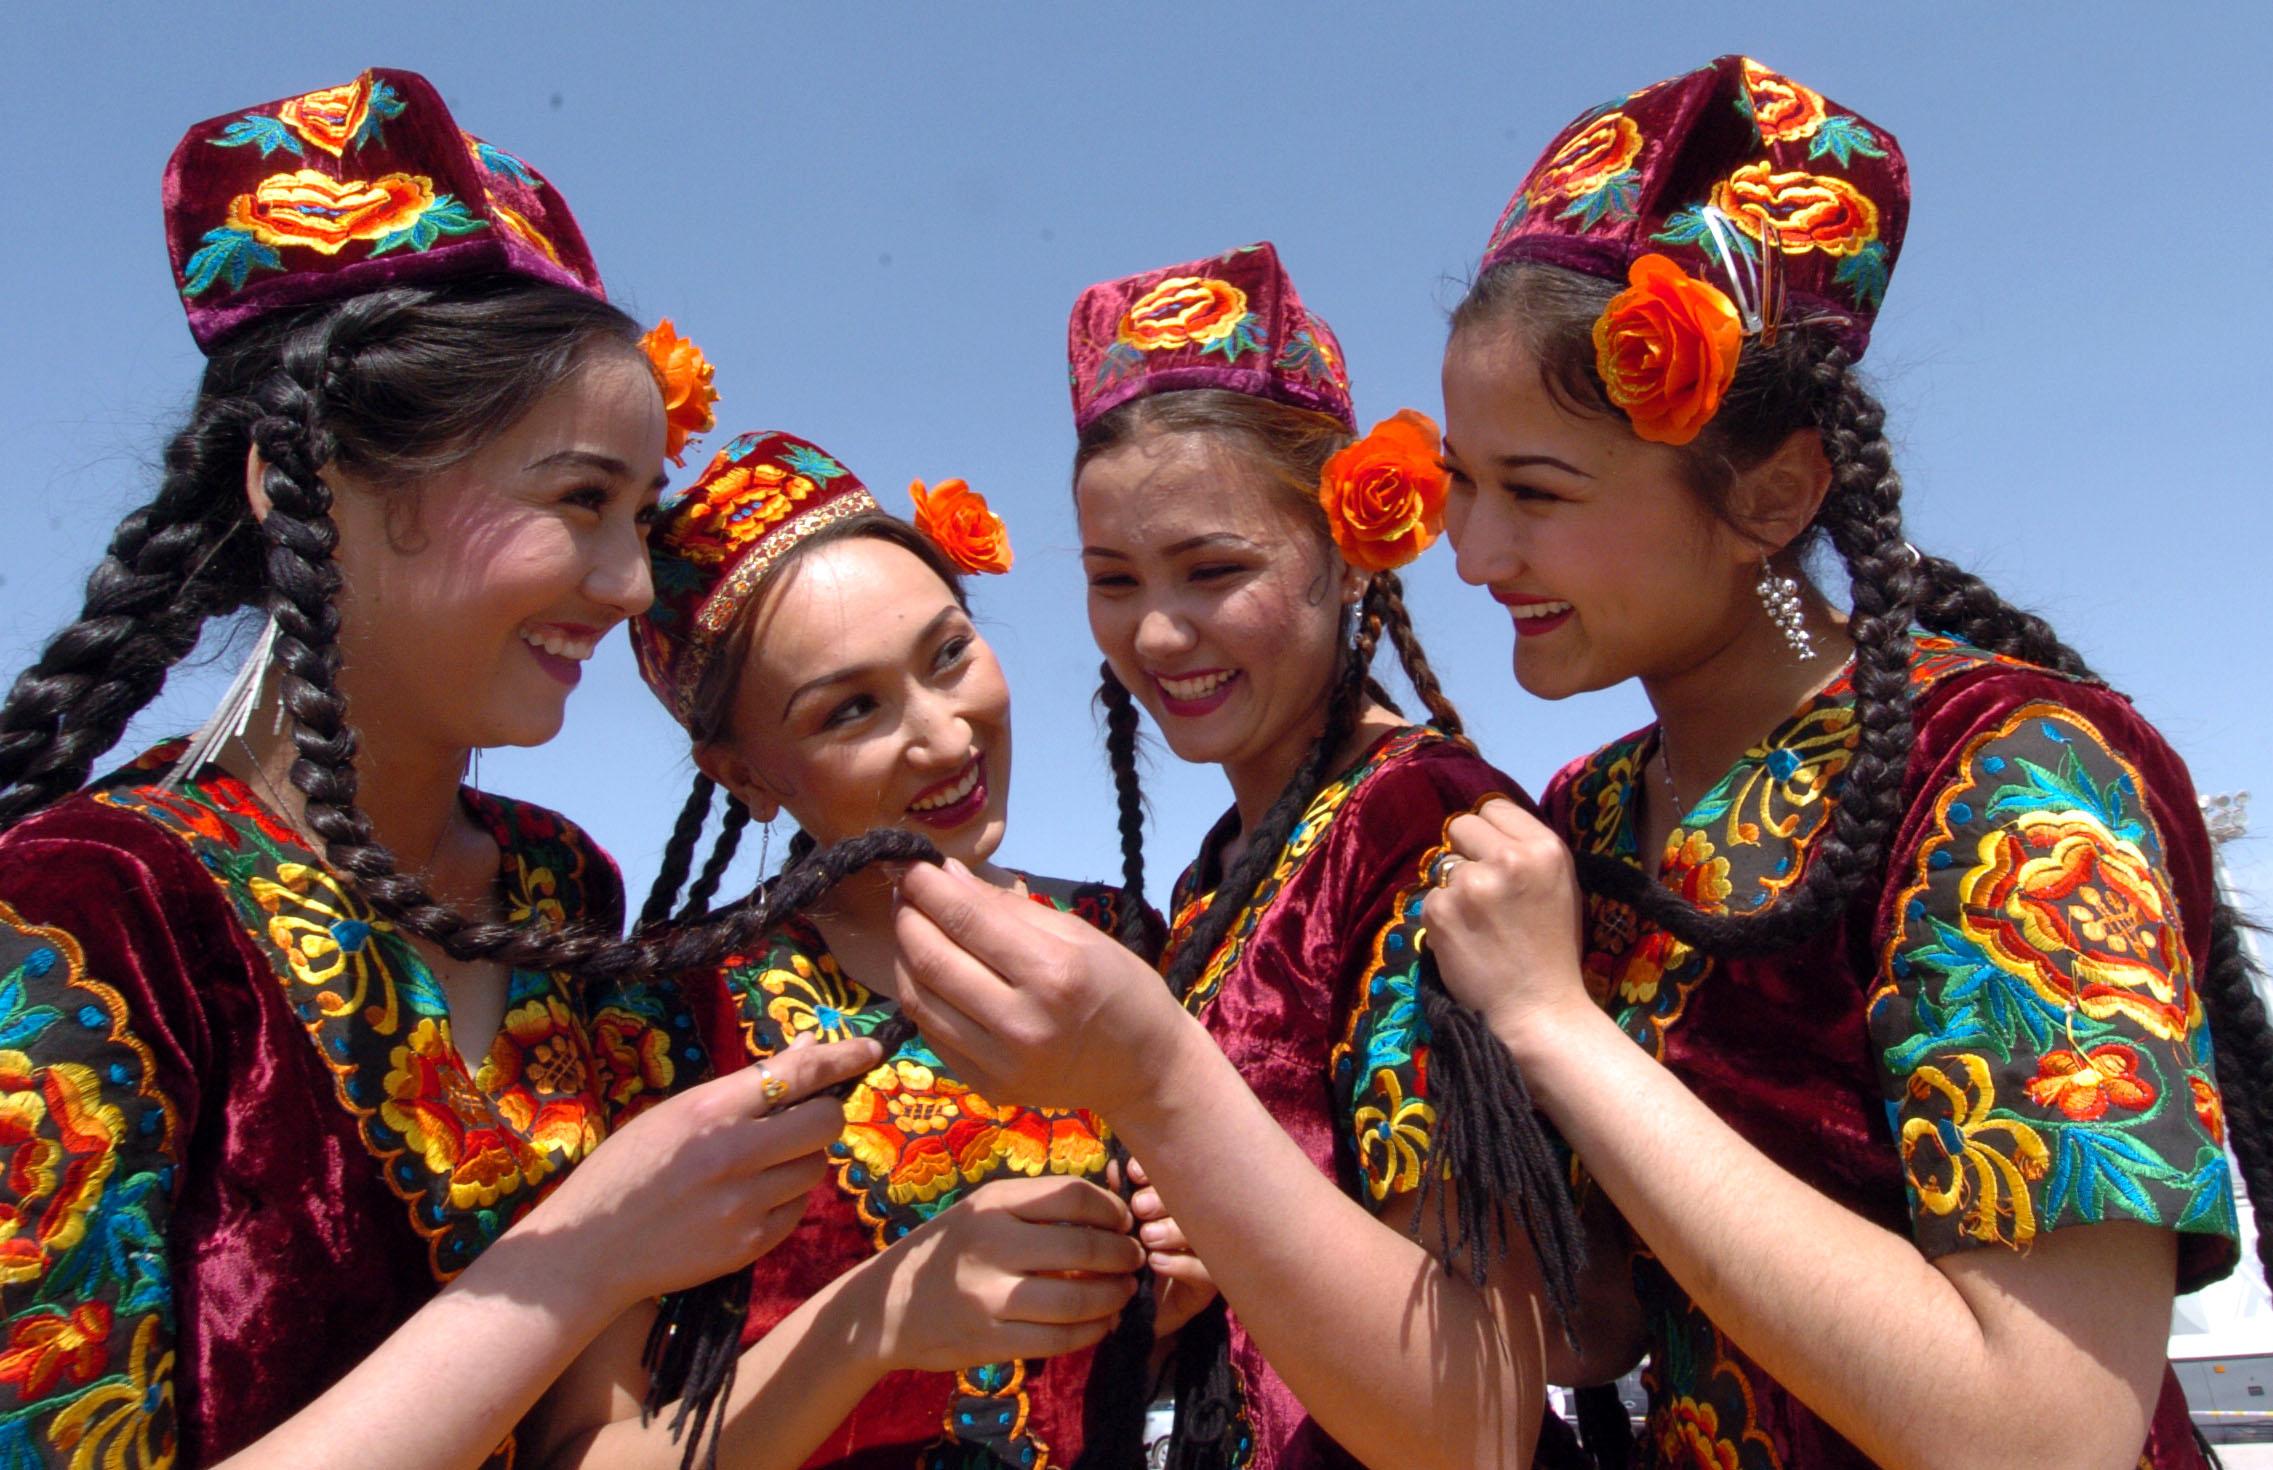 Узбекски девушки фото 24 фотография